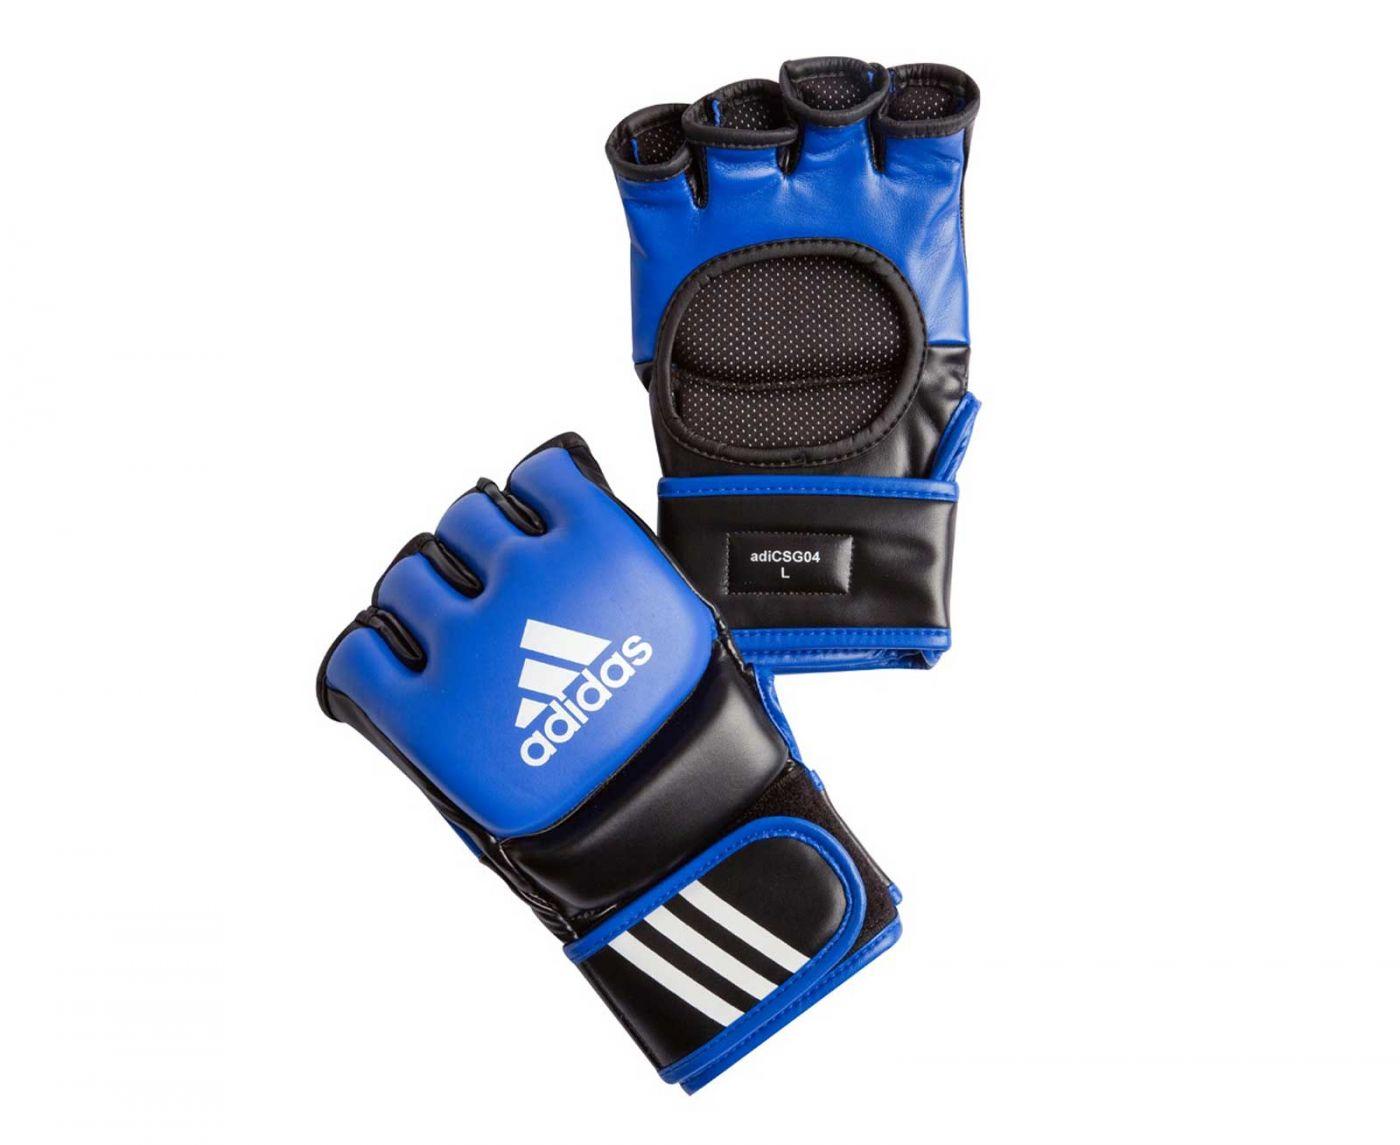 Перчатки для смешанных единоборств Adidas Ultimate Fight сине-черные, размер S, артикул adiCSG041